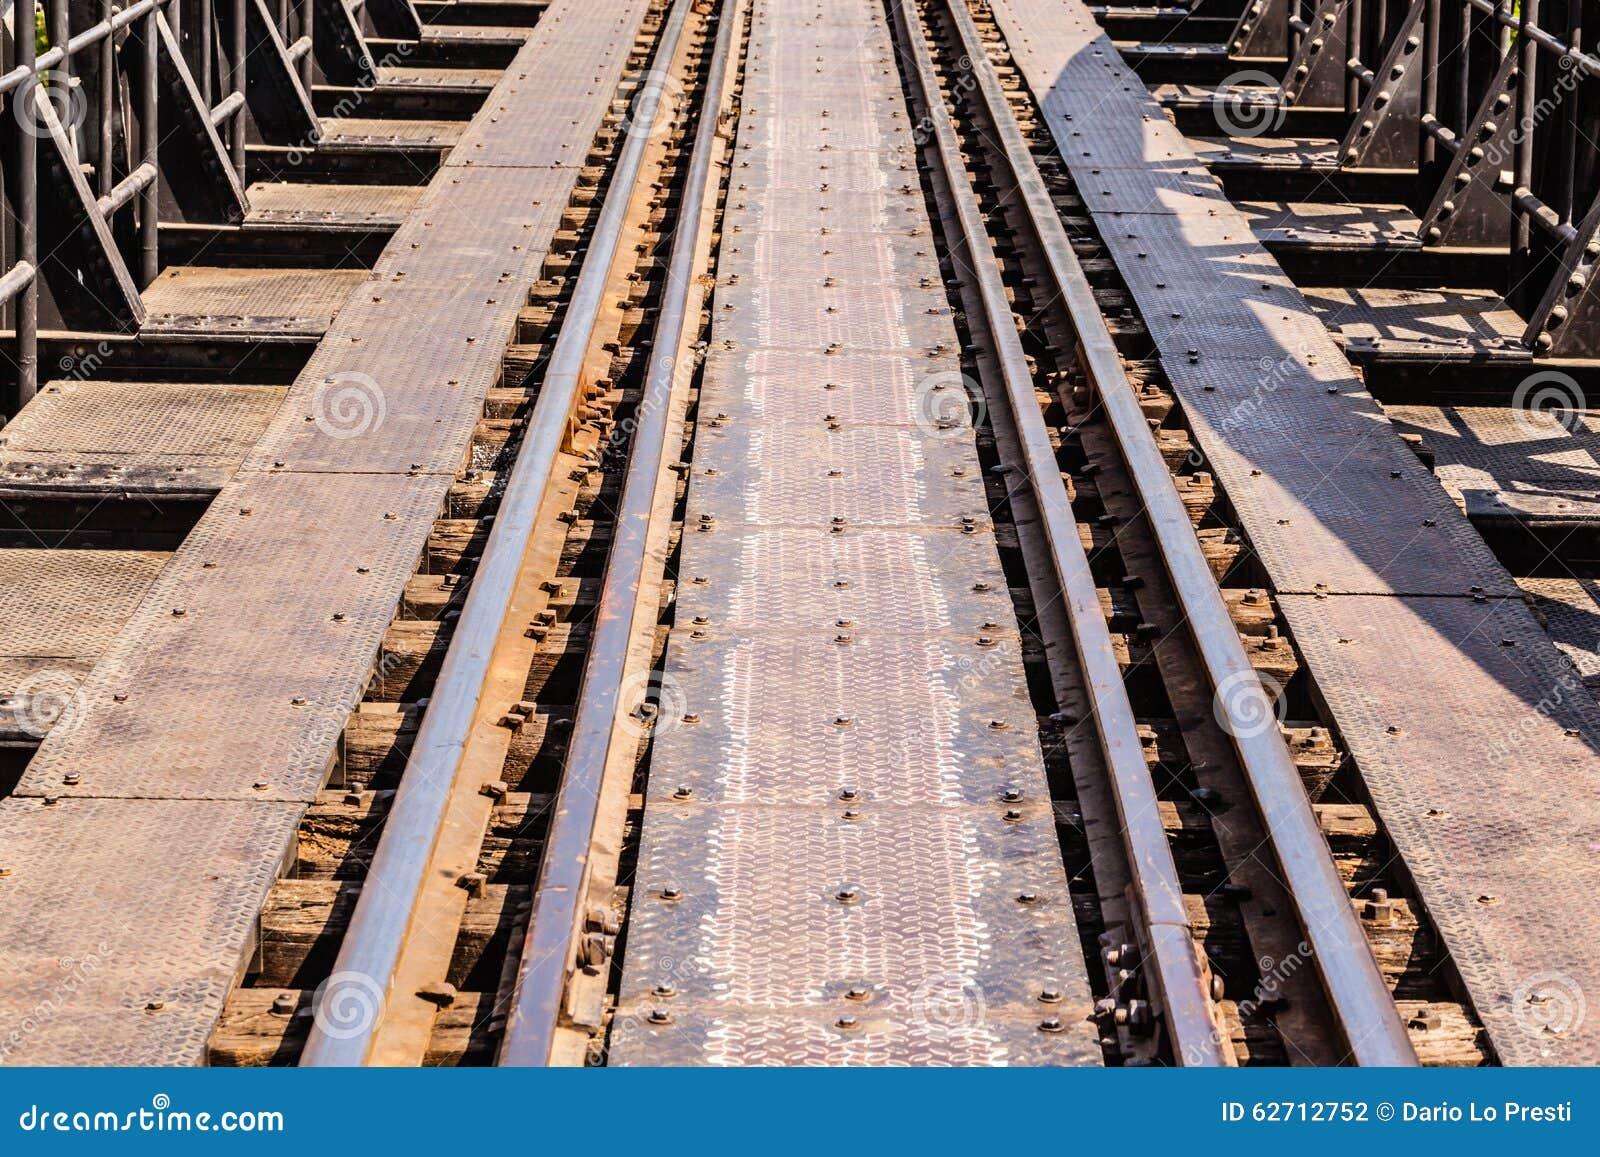 στενές διαδρομές σιδηροδρόμου γραμμών ημέρας δύο επάνω